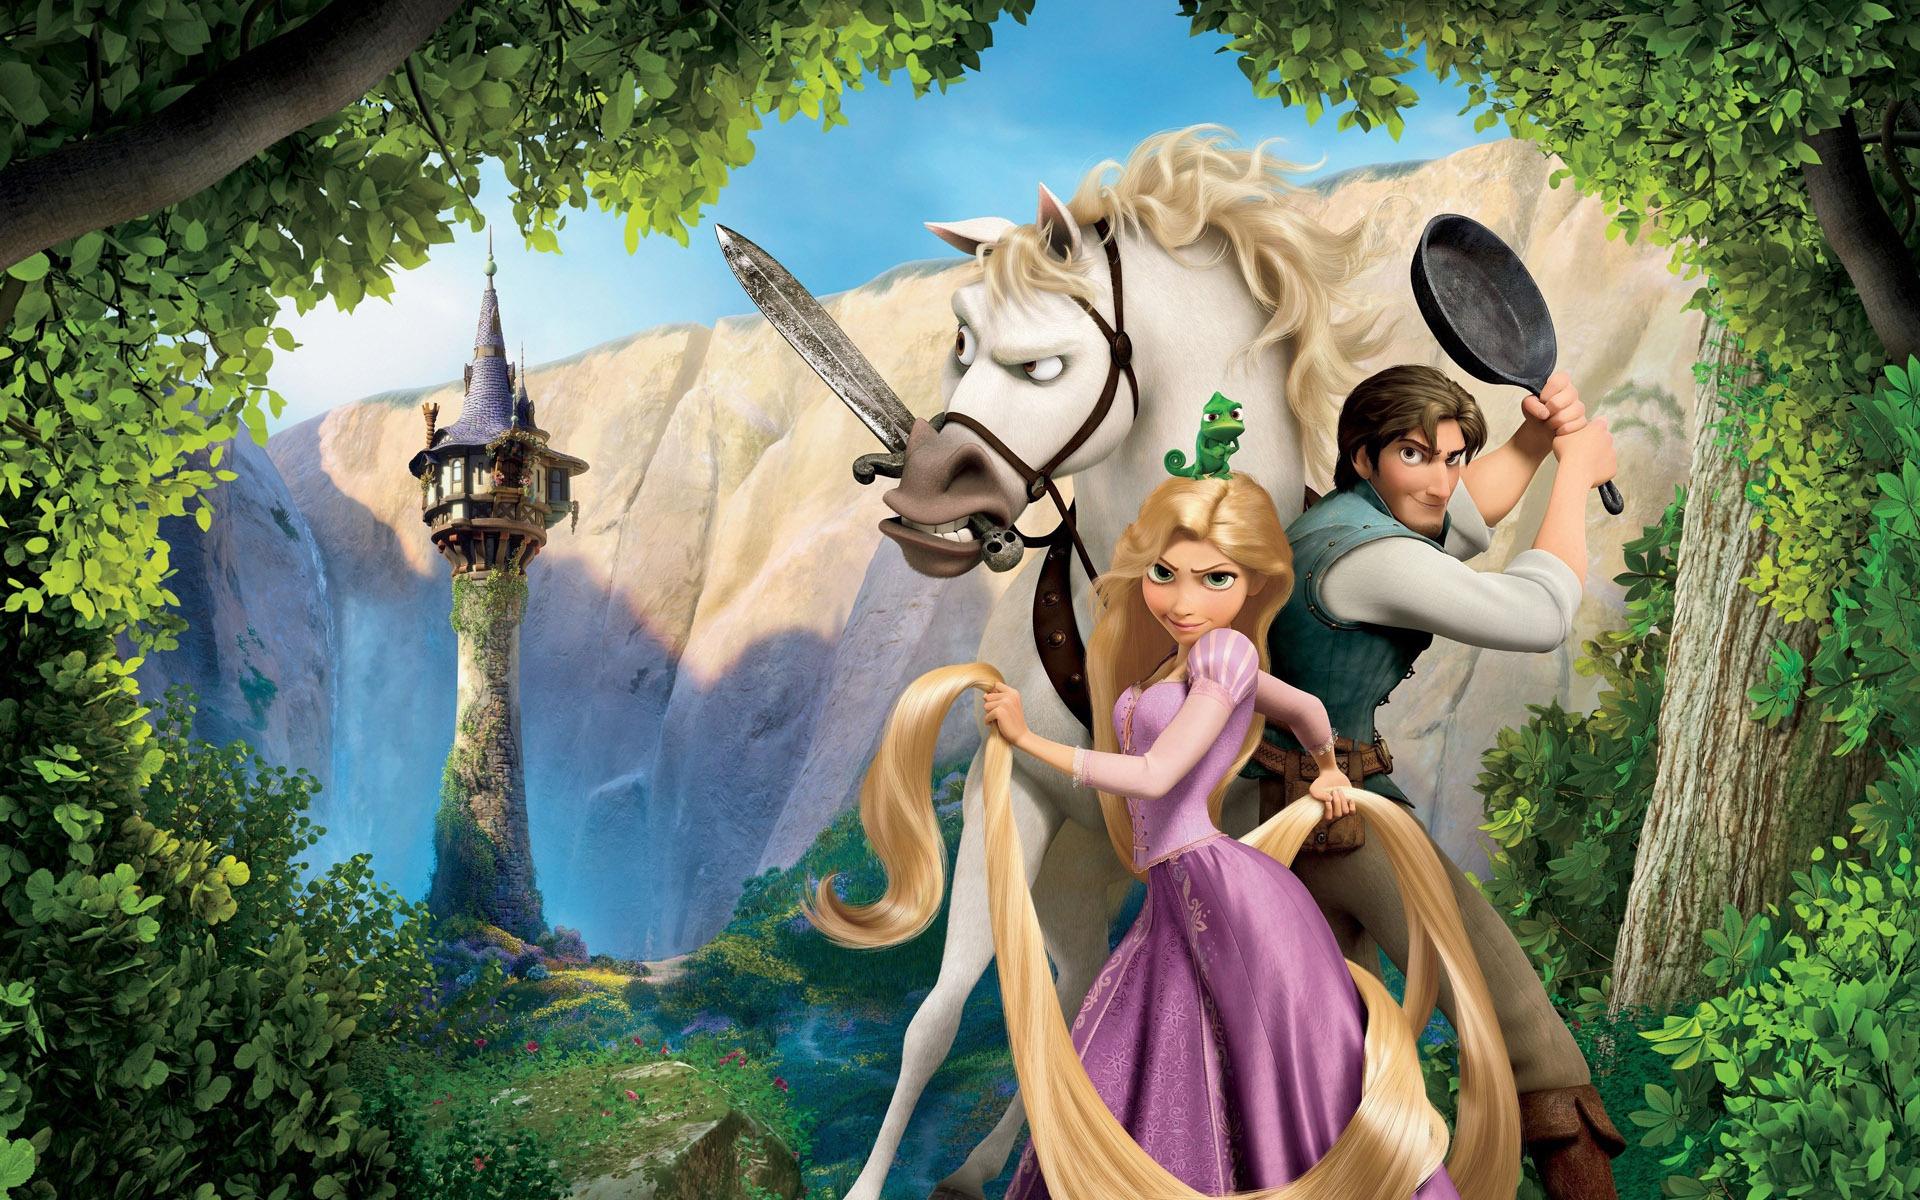 Tangled Disney Wallpaper - WallpaperSafari